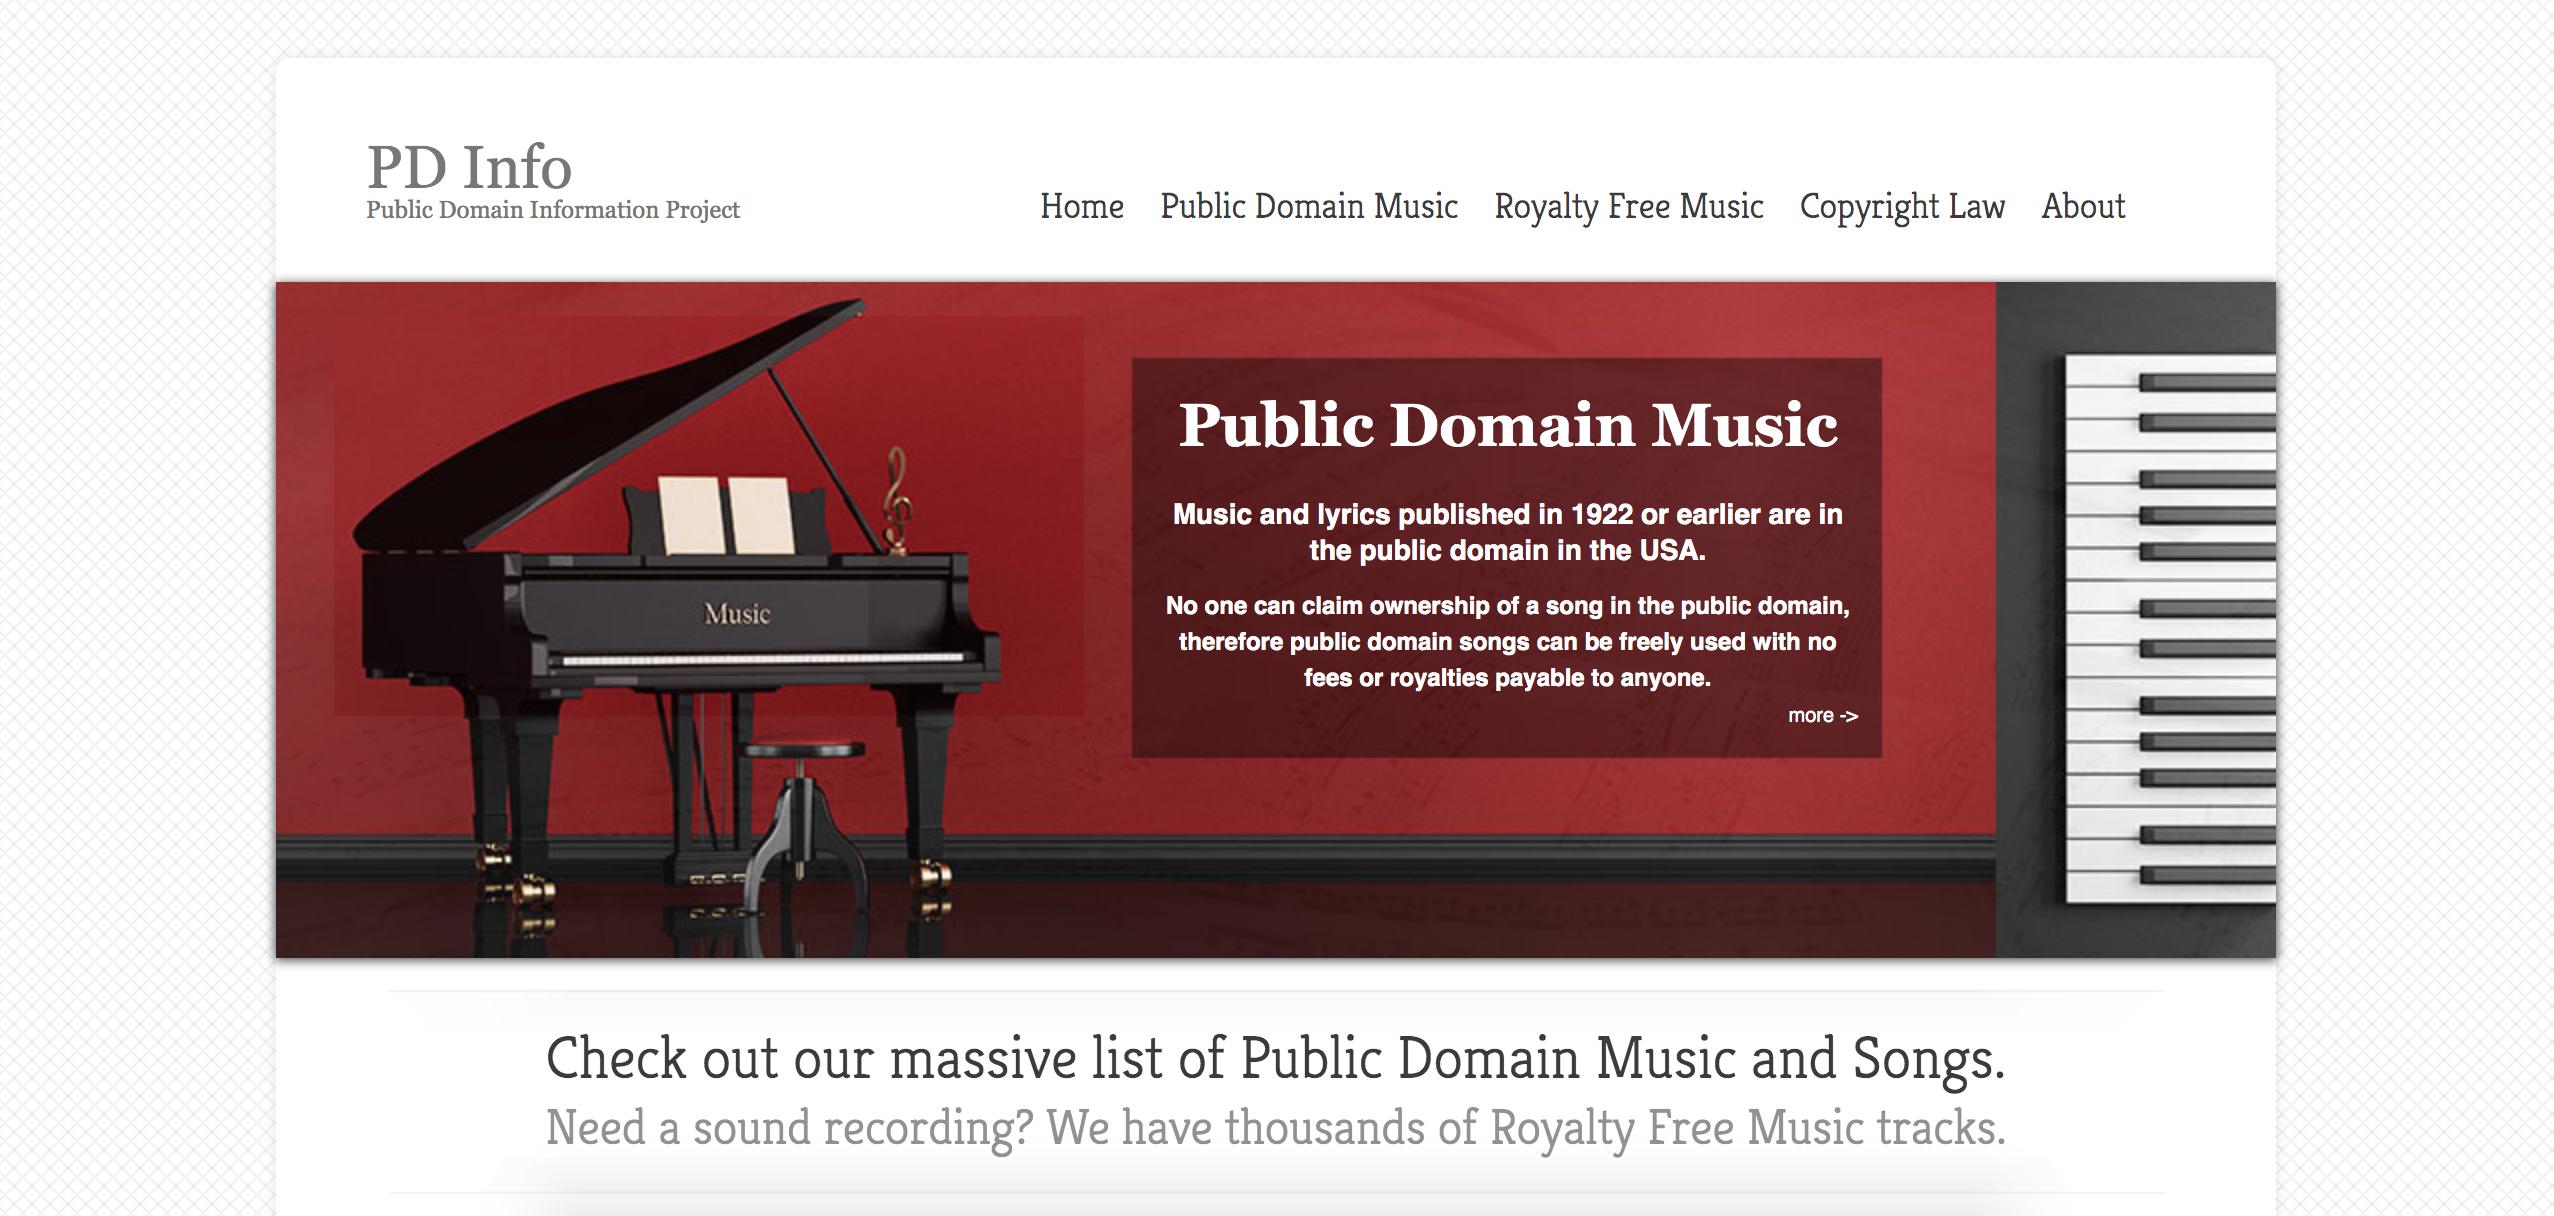 screenshot of PD Info